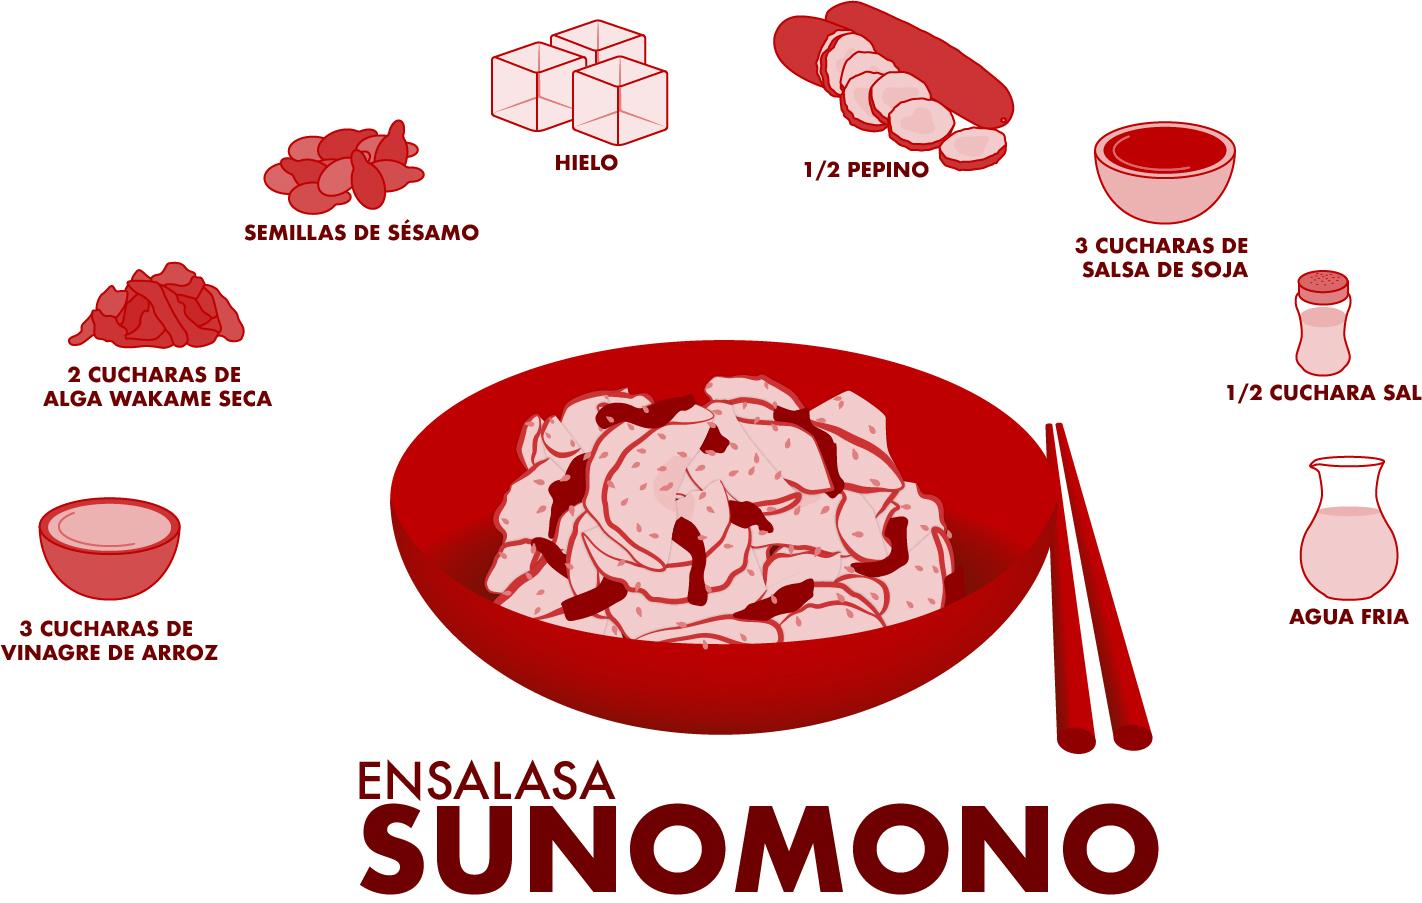 Ensalada Sunomono2-02-02.jpg